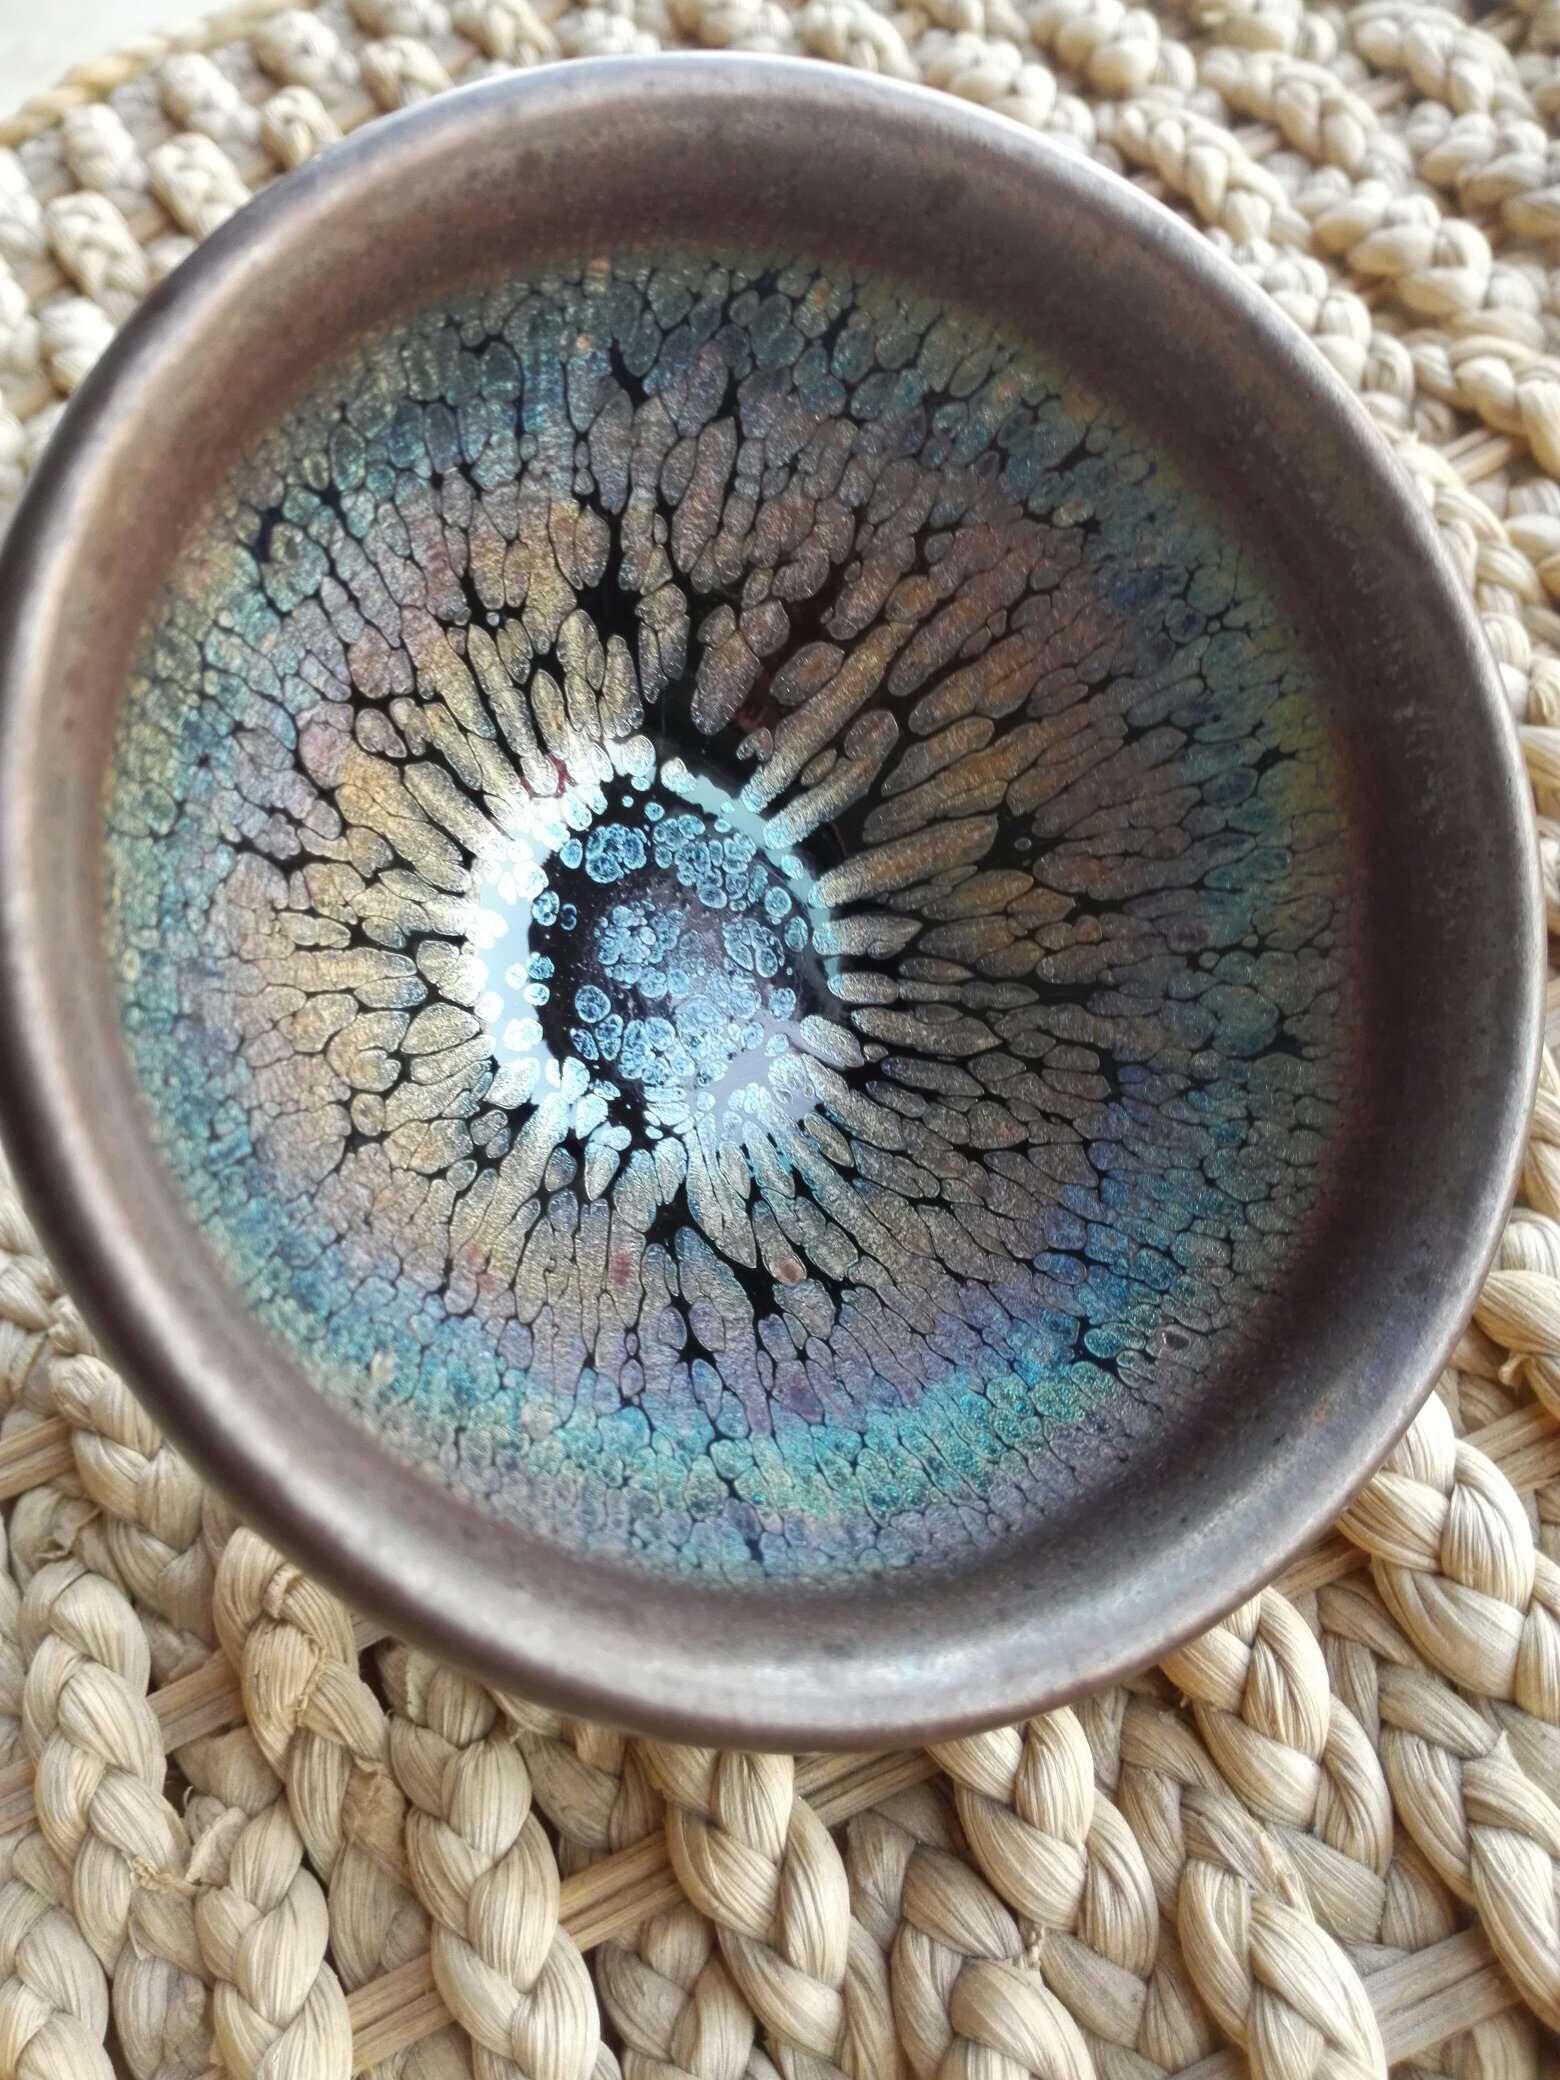 喝茶修身养性、提升心境,喝茶养出七彩斑斓的建盏